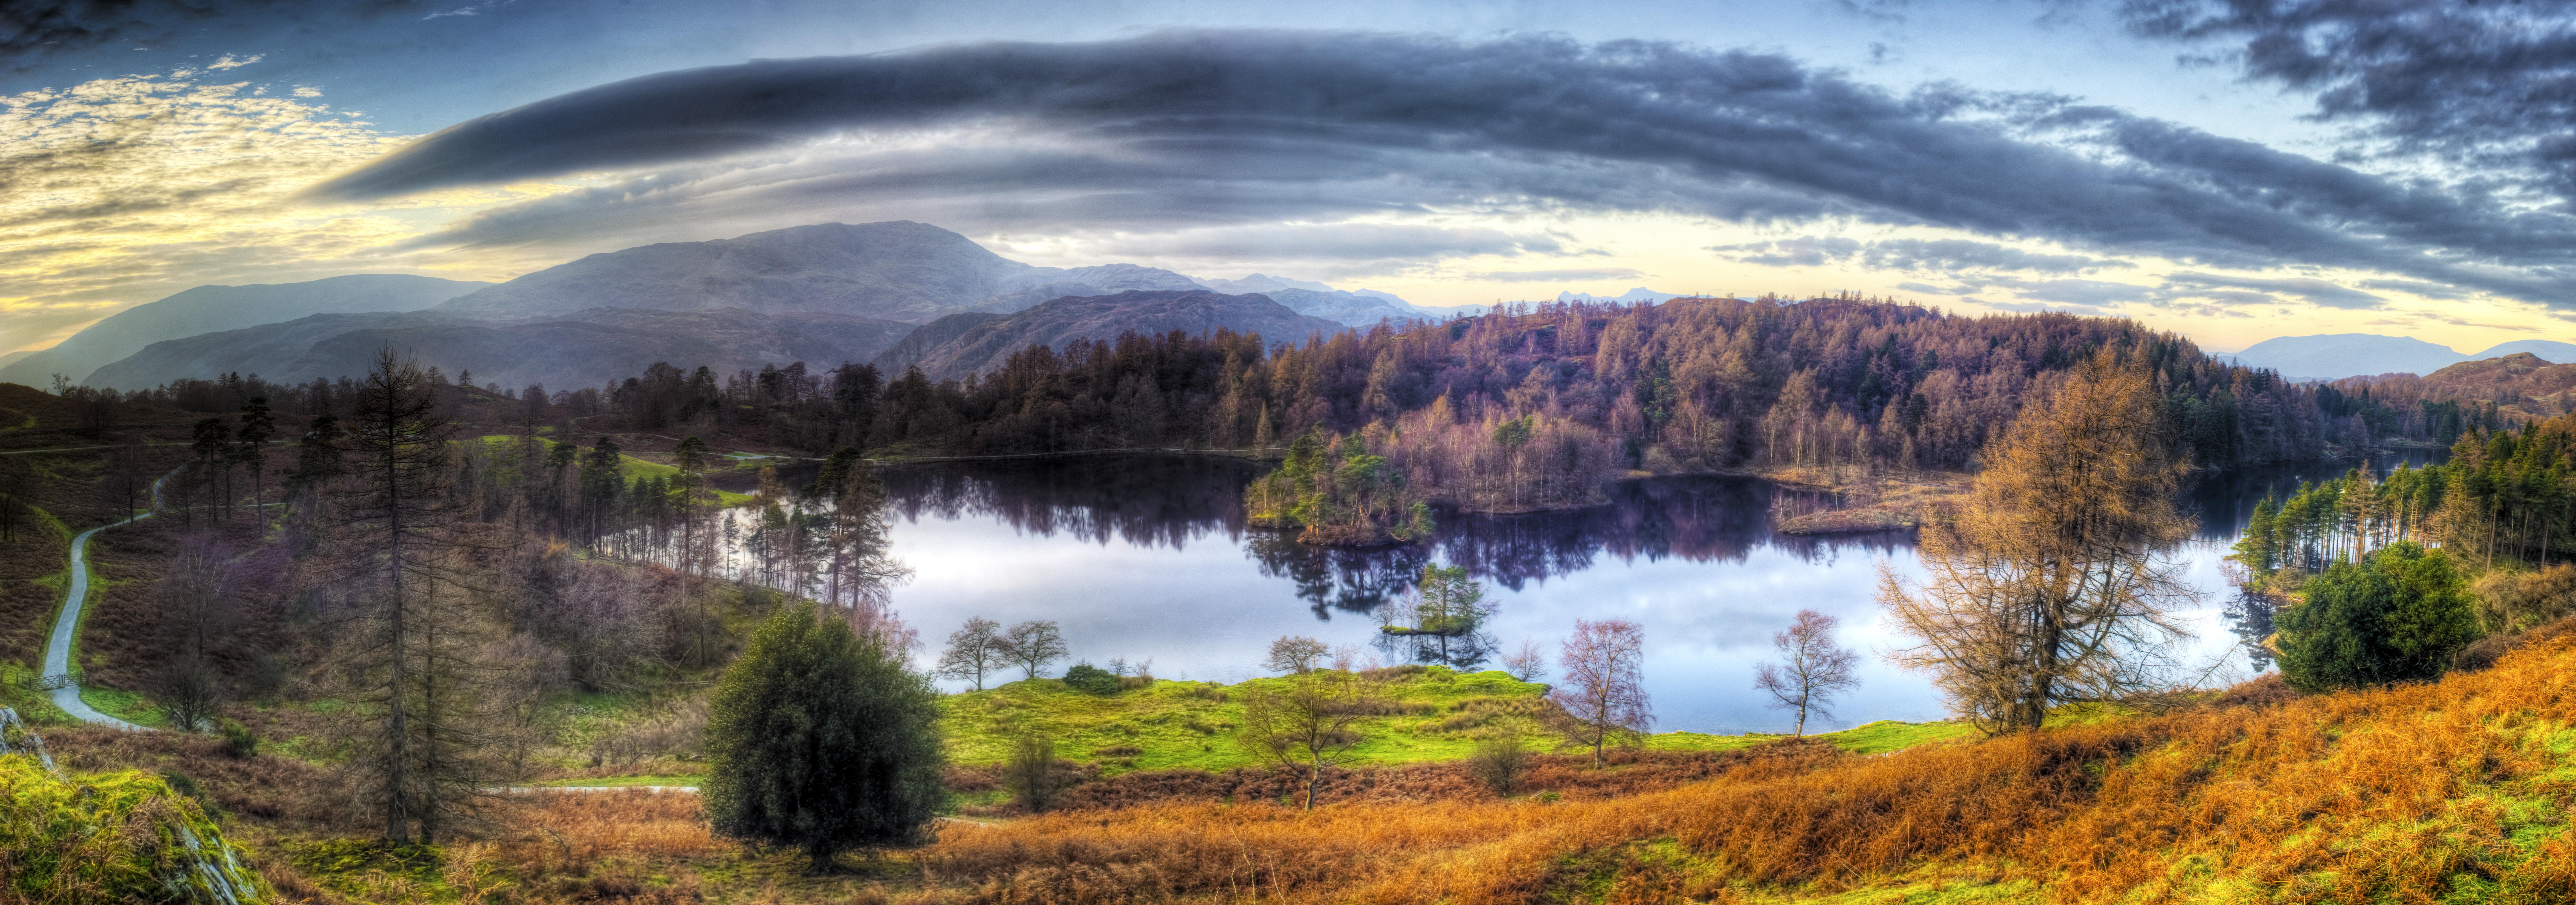 Красивое_озеро_панопама_сумерки